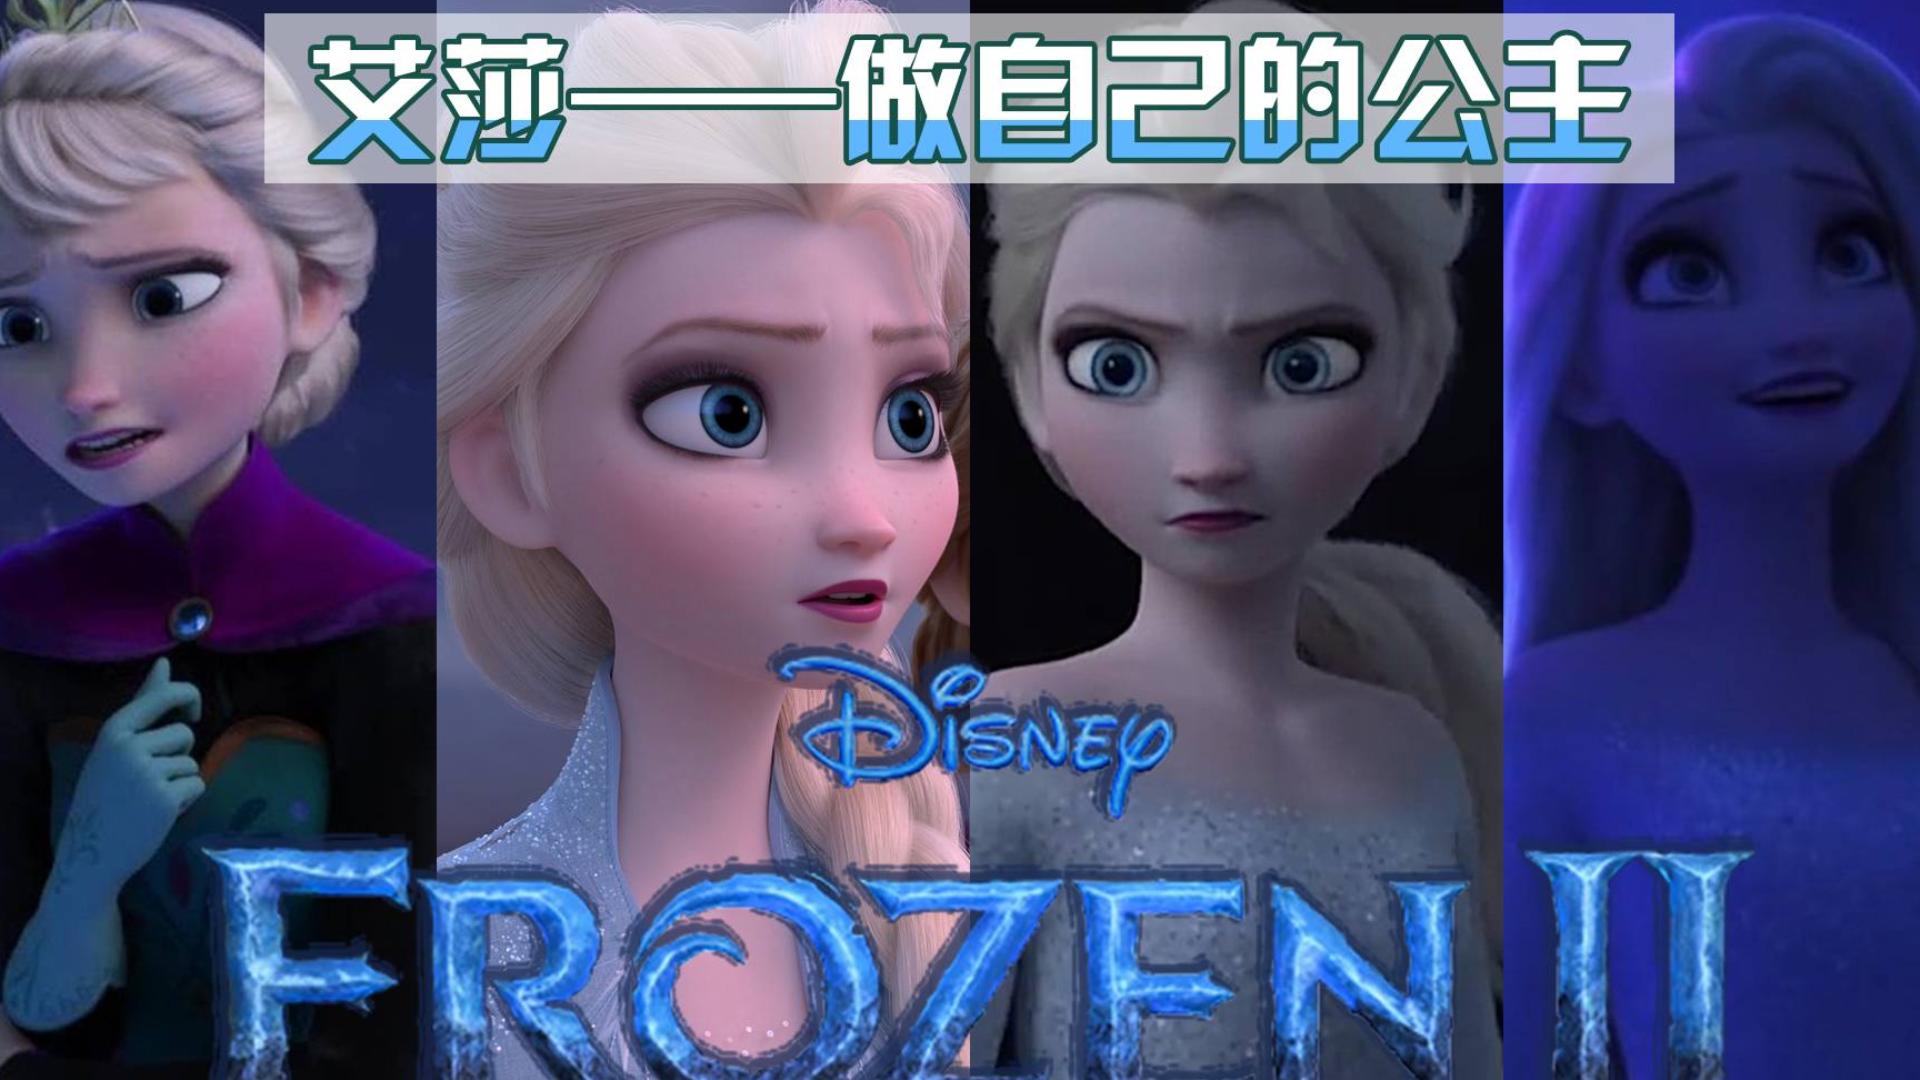 《冰雪奇缘2》人物解读:艾莎——从众生的女王,到自己的公主(艾莎的人物情感变化分析)